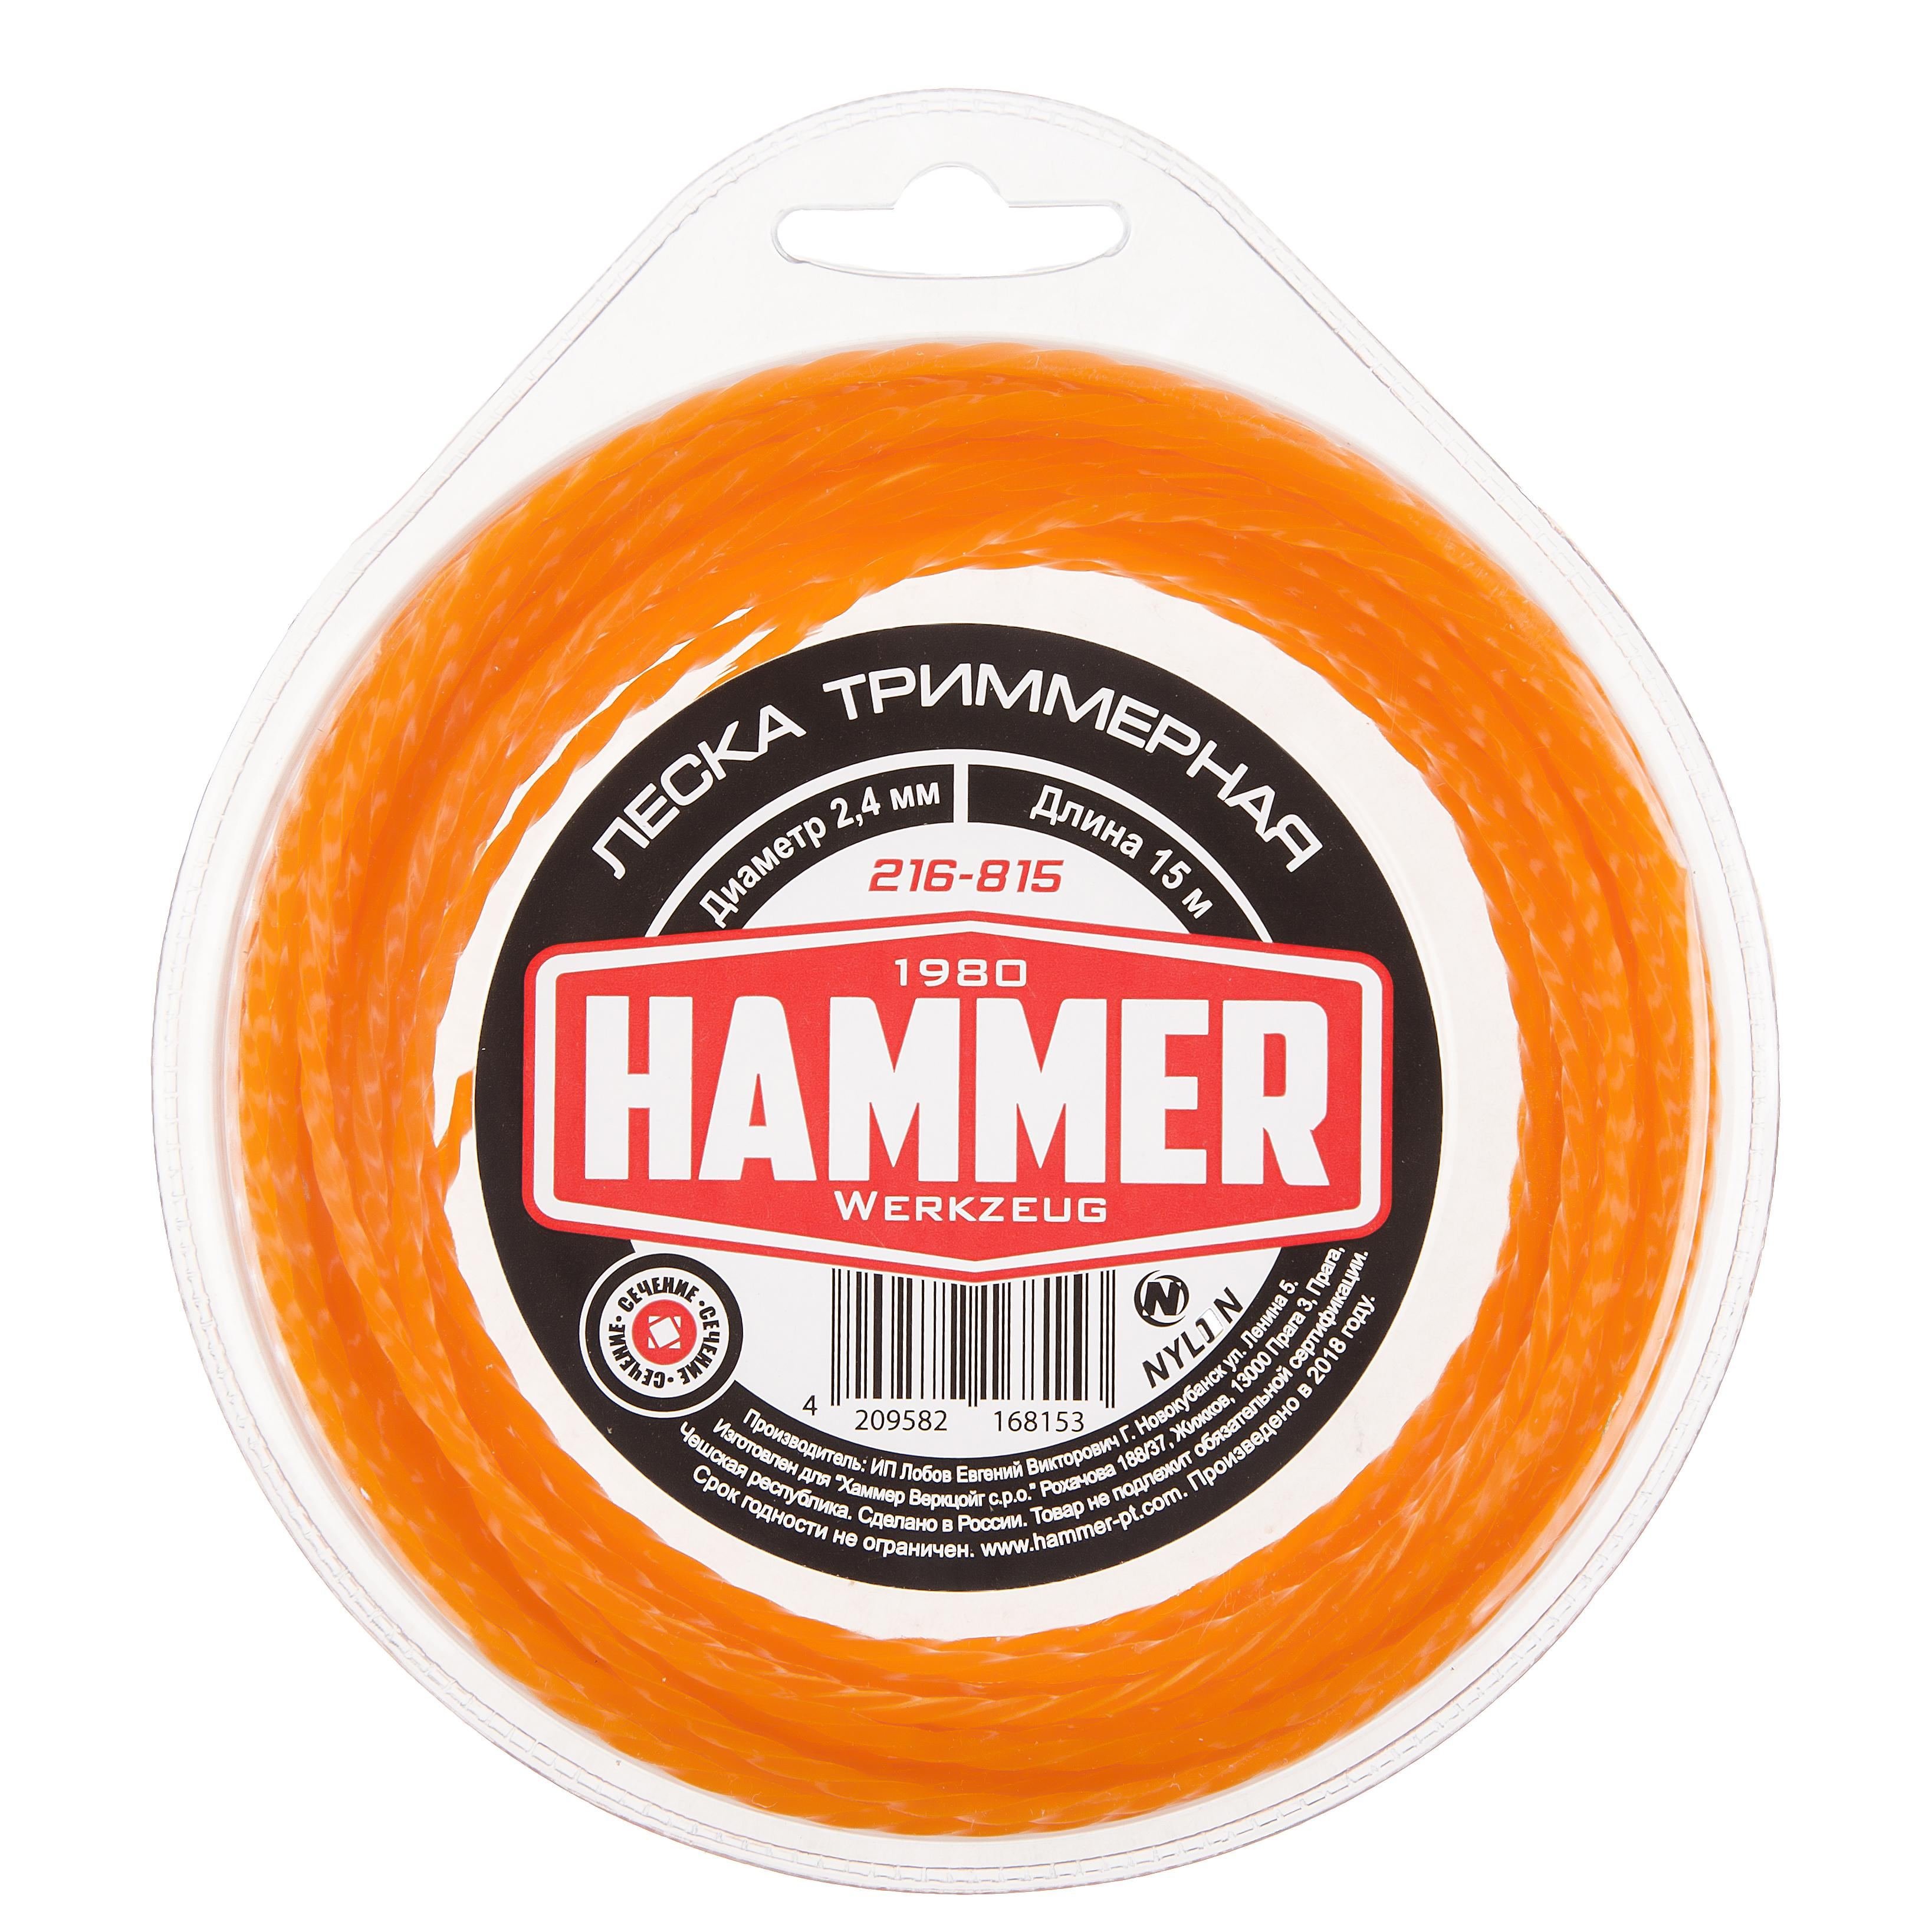 Леска для триммеров Hammer 216-815 цена